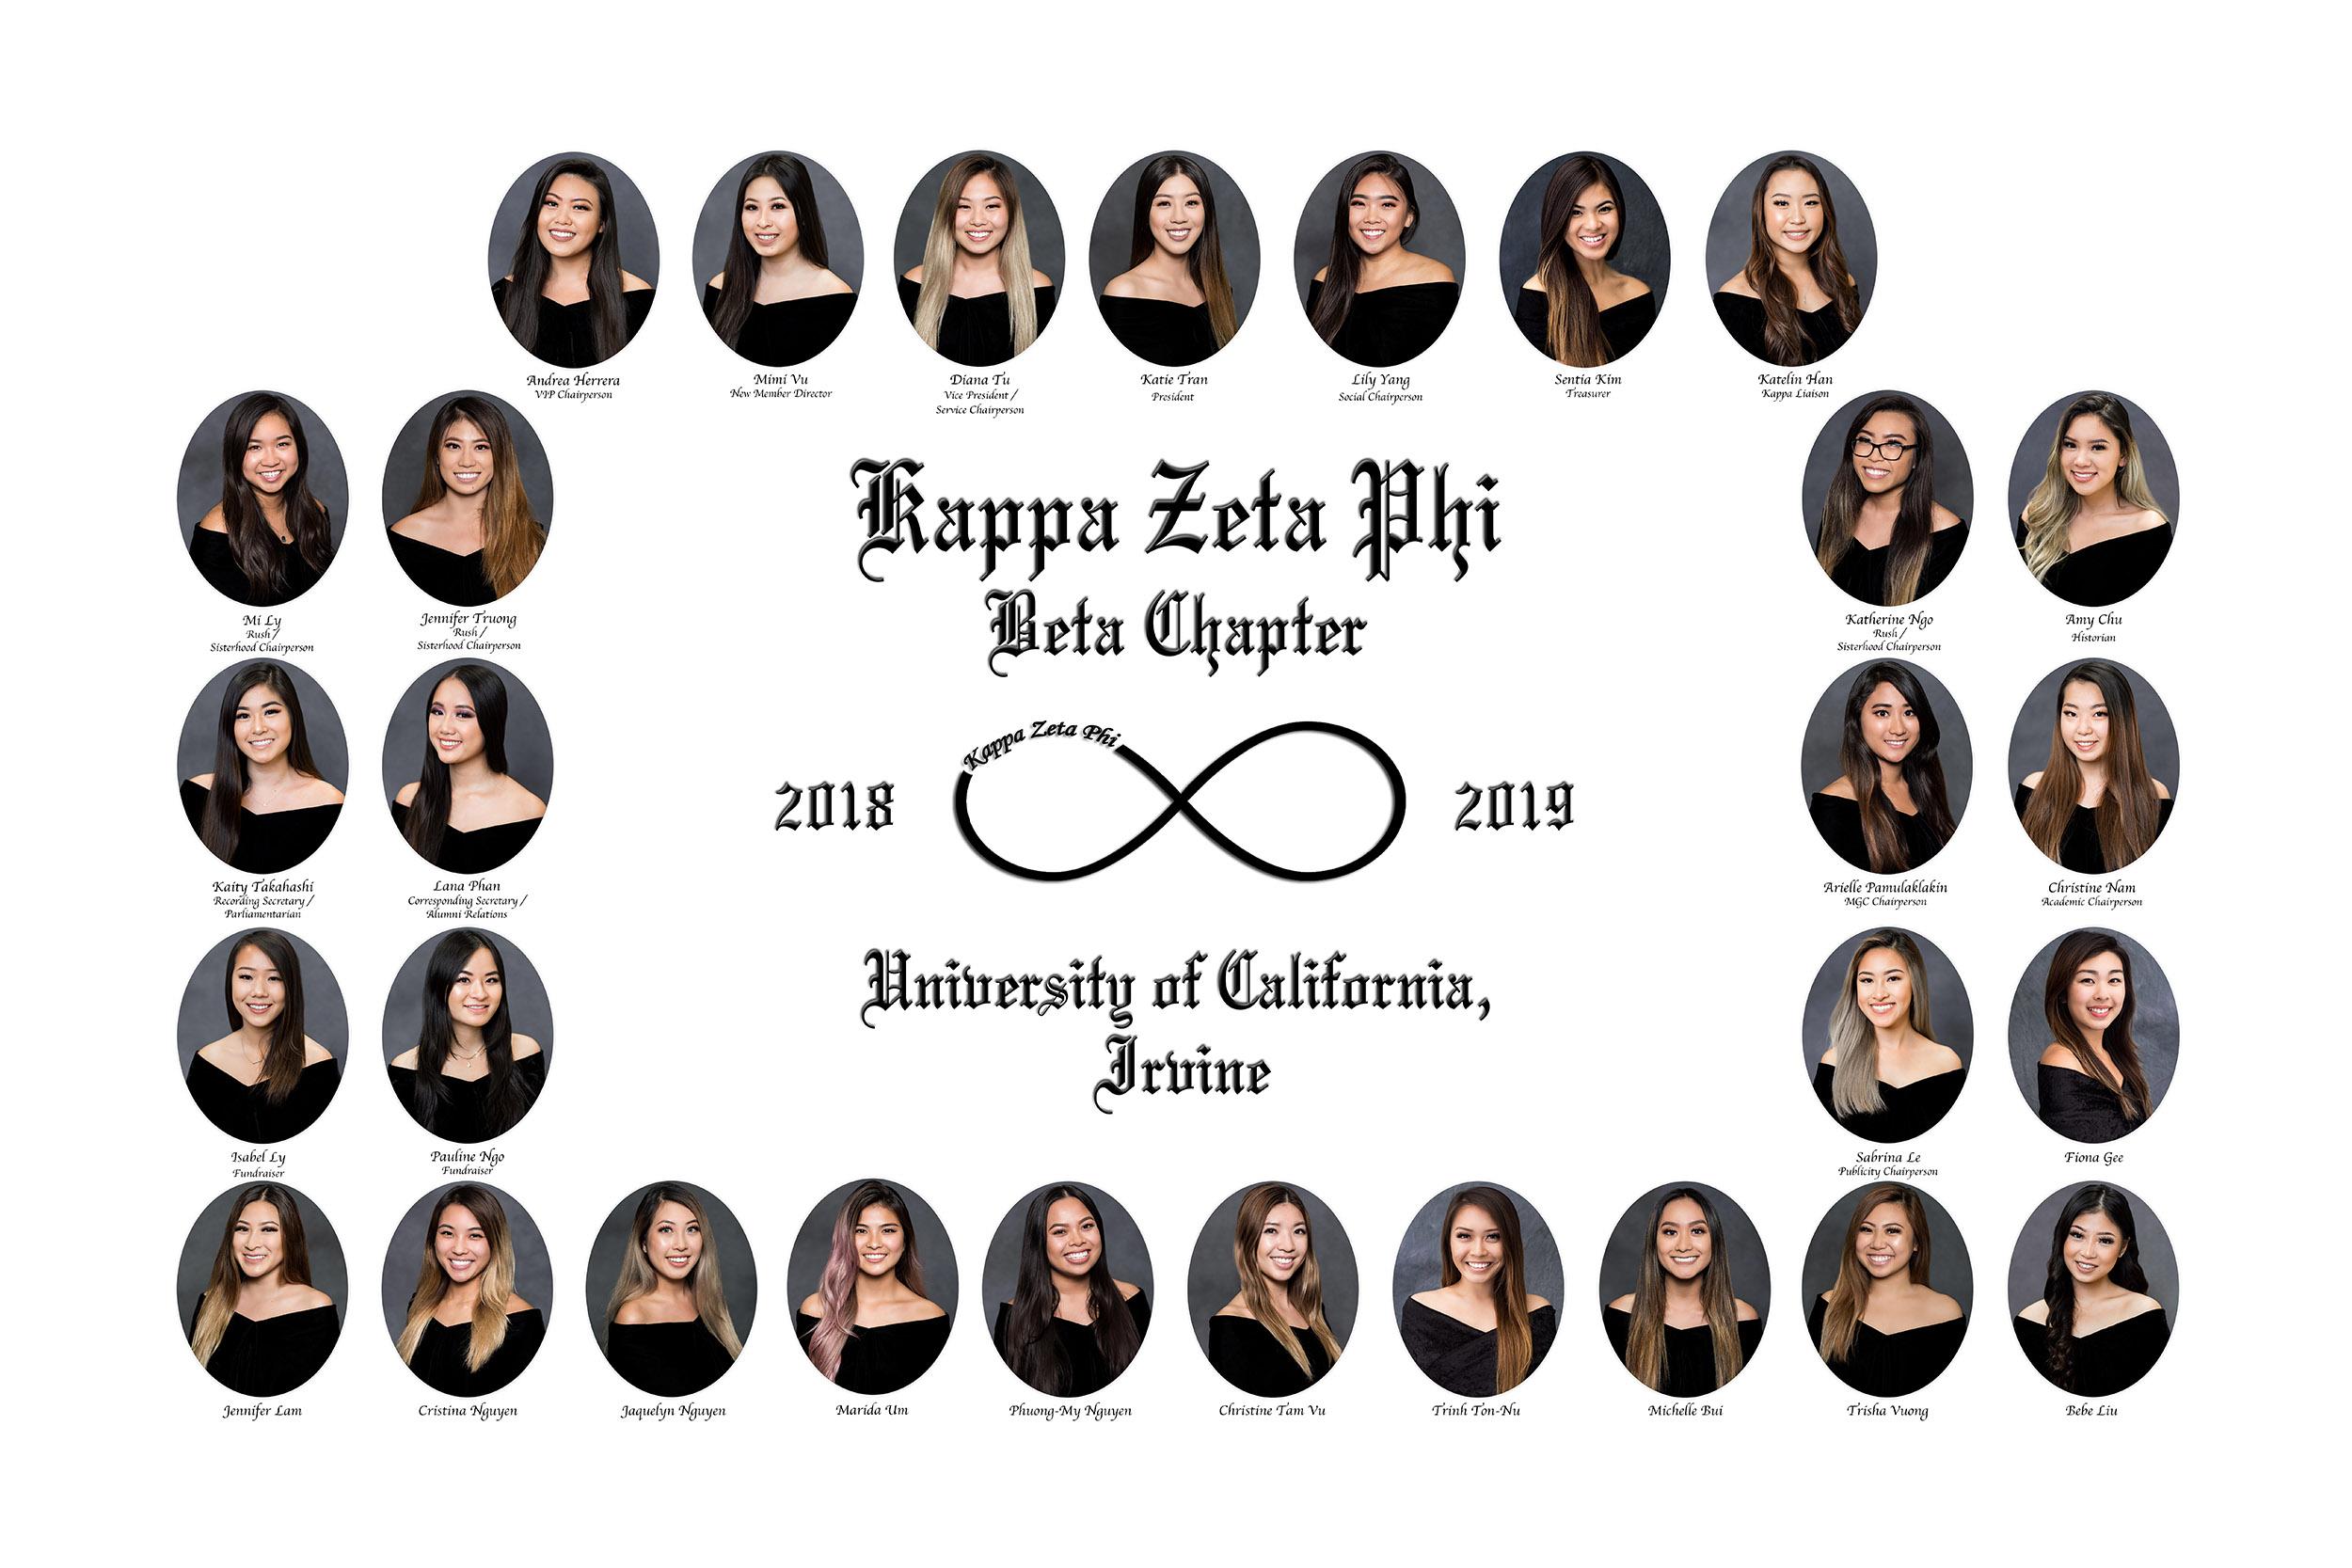 Bryan-Miraflor-Photography-UCI-Kappa-Zeta-Phi-Composites-2018-2019.jpg